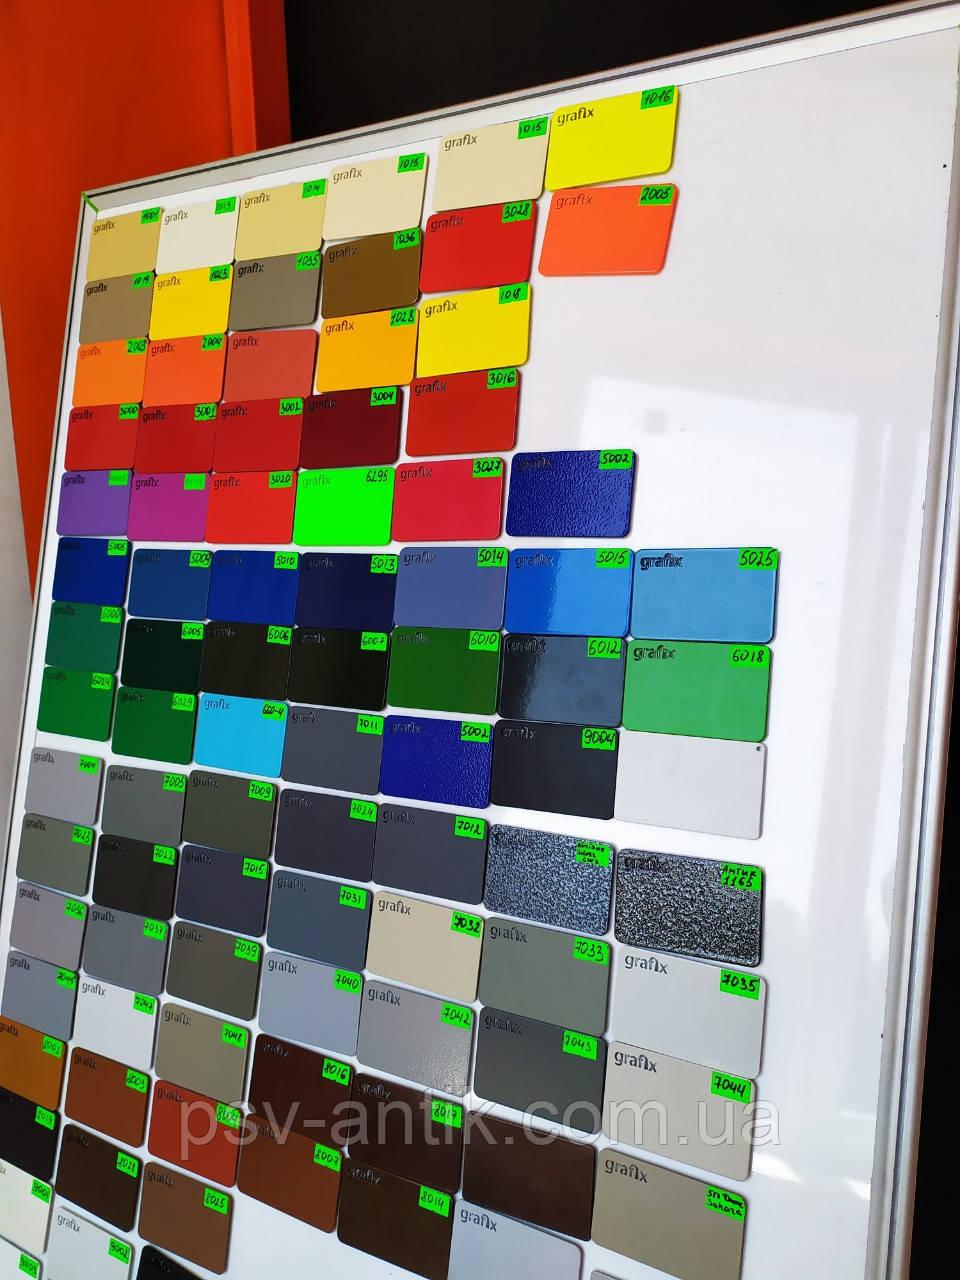 Порошковая краска матовая, полиэфирная, архитектурная, 7001